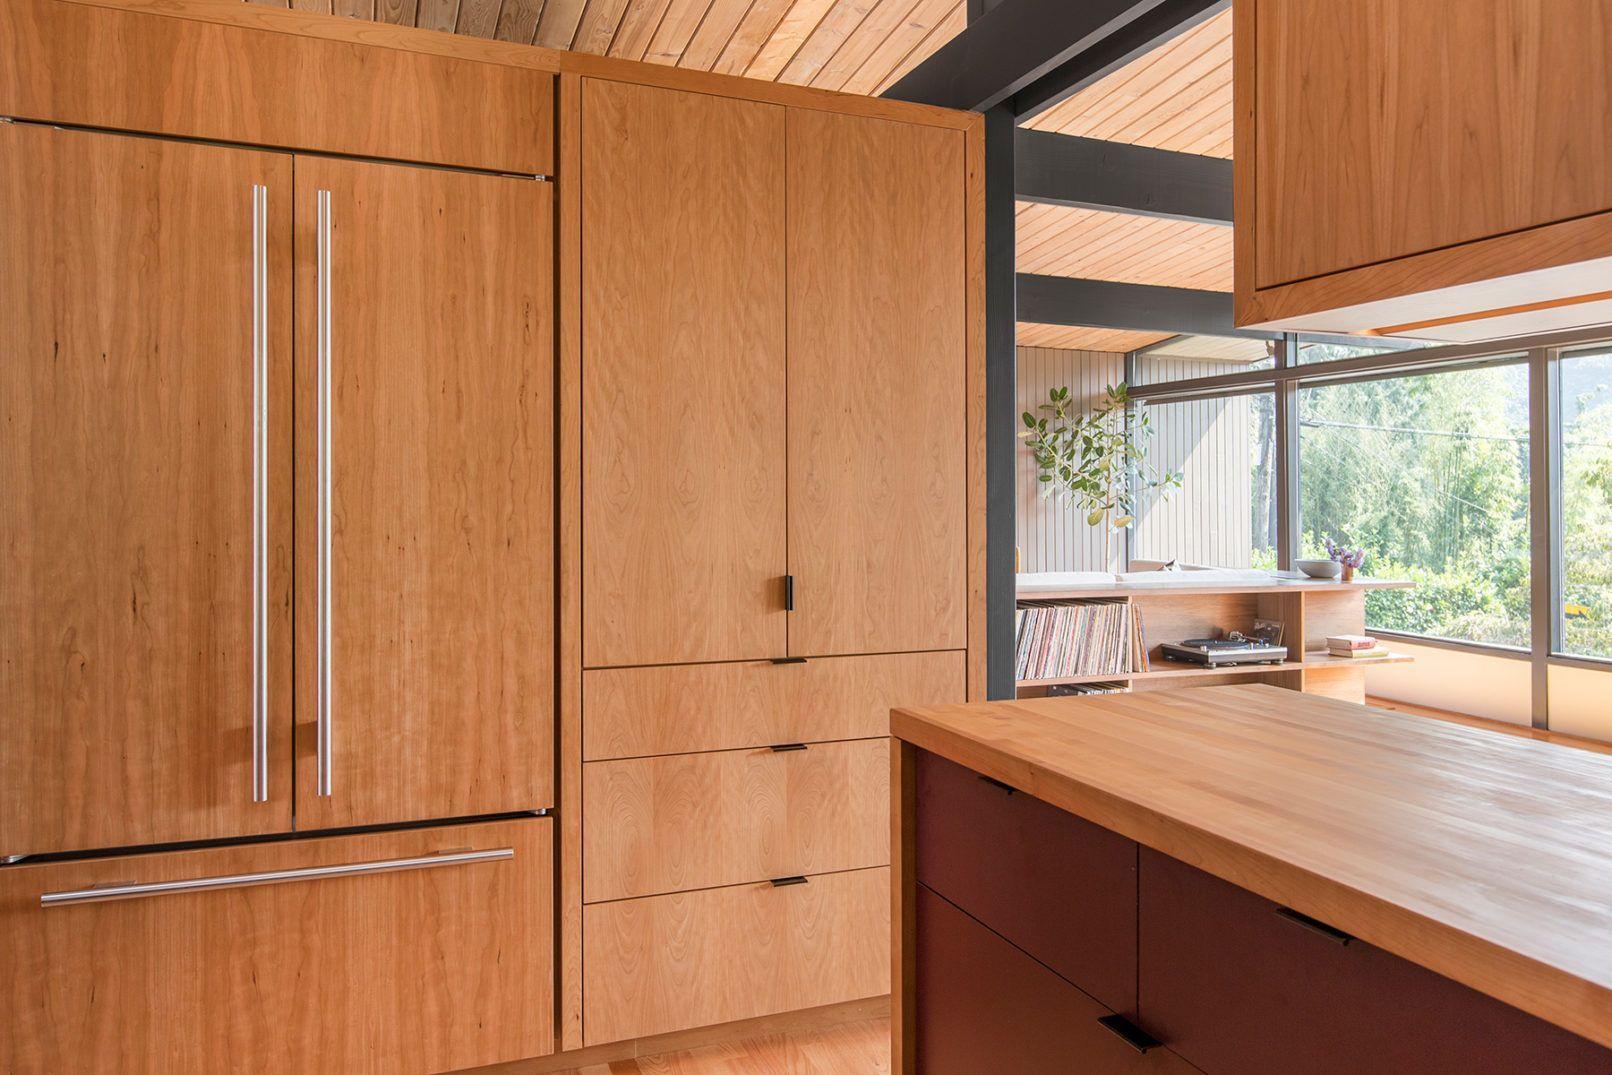 Seattle Home Remodel  Bathroom Remodel Diy  Pinterest Magnificent Bathroom Remodel Seattle Design Ideas